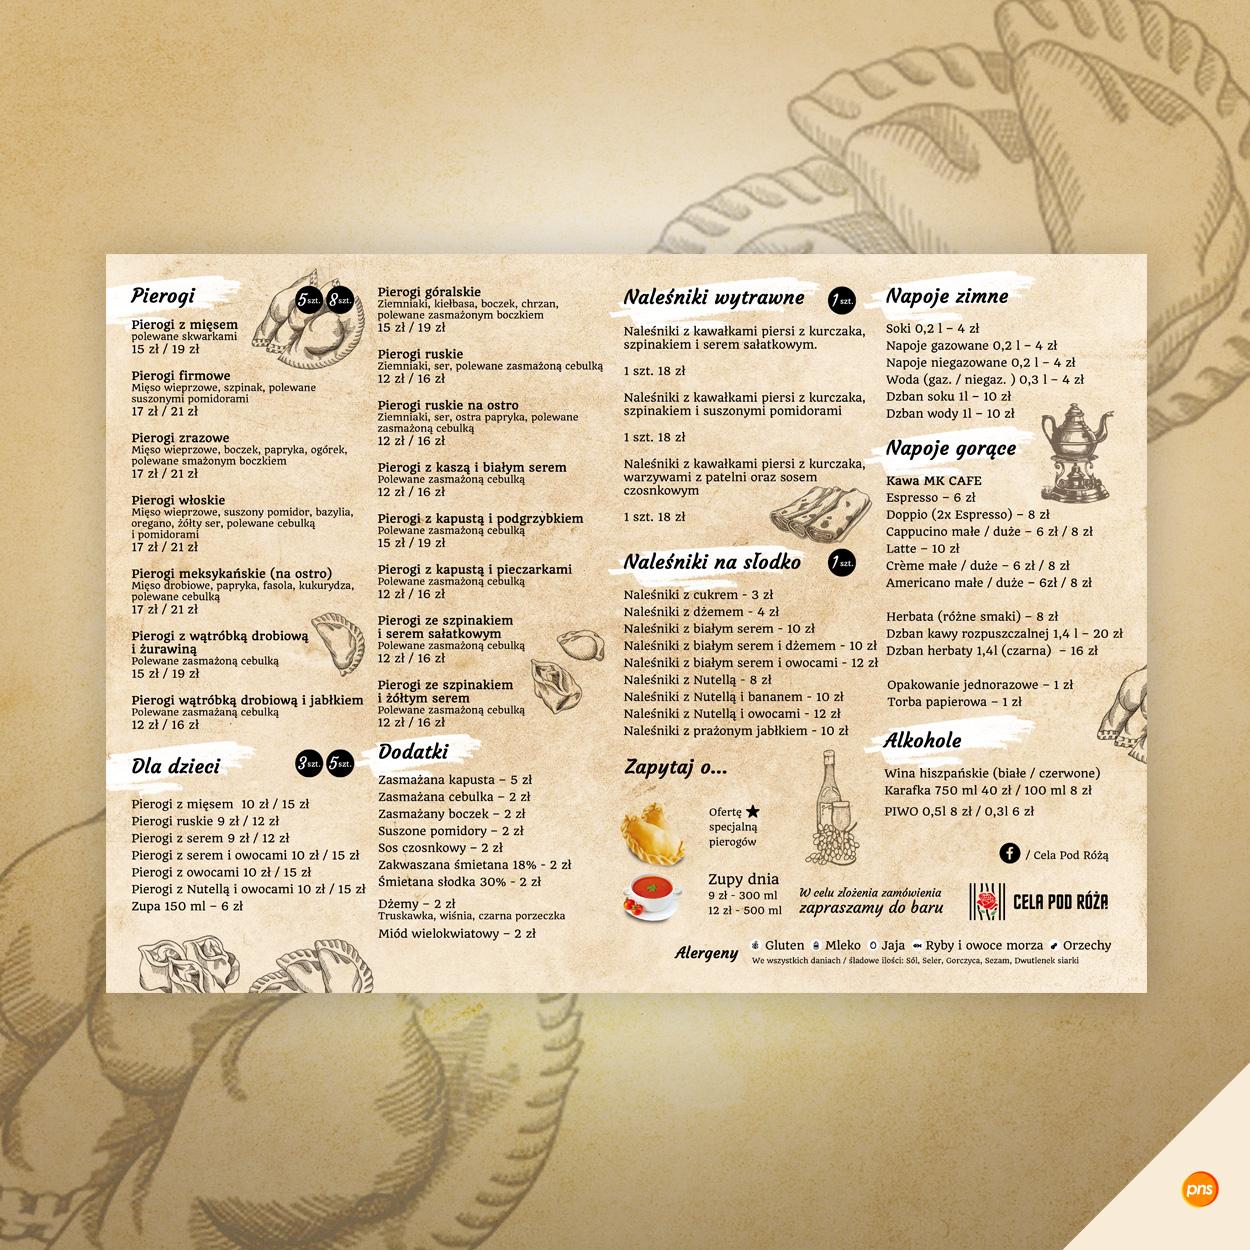 karta menu restauracja cela pod roza - Projekt graficzny menu dla restauracji - Cela pod Różą